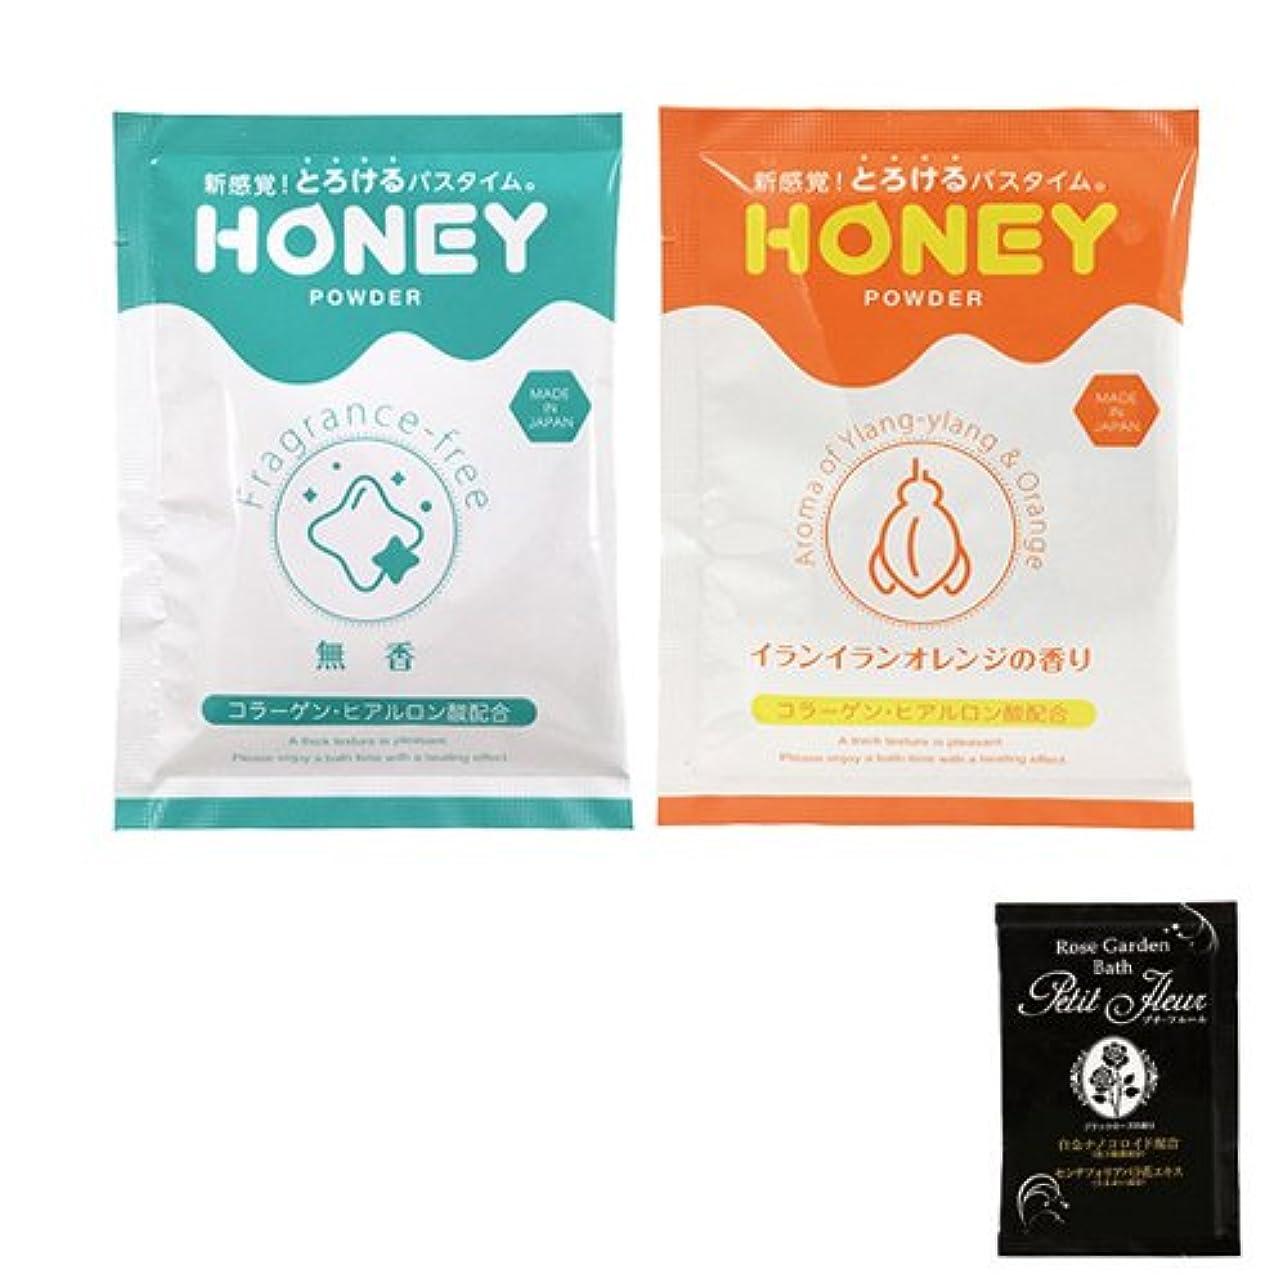 バラバラにするブランチ戸惑うとろとろ入浴剤【honey powder】粉末タイプ イランイランオレンジの香り + 無香 + 入浴剤(プチフルール)1回分